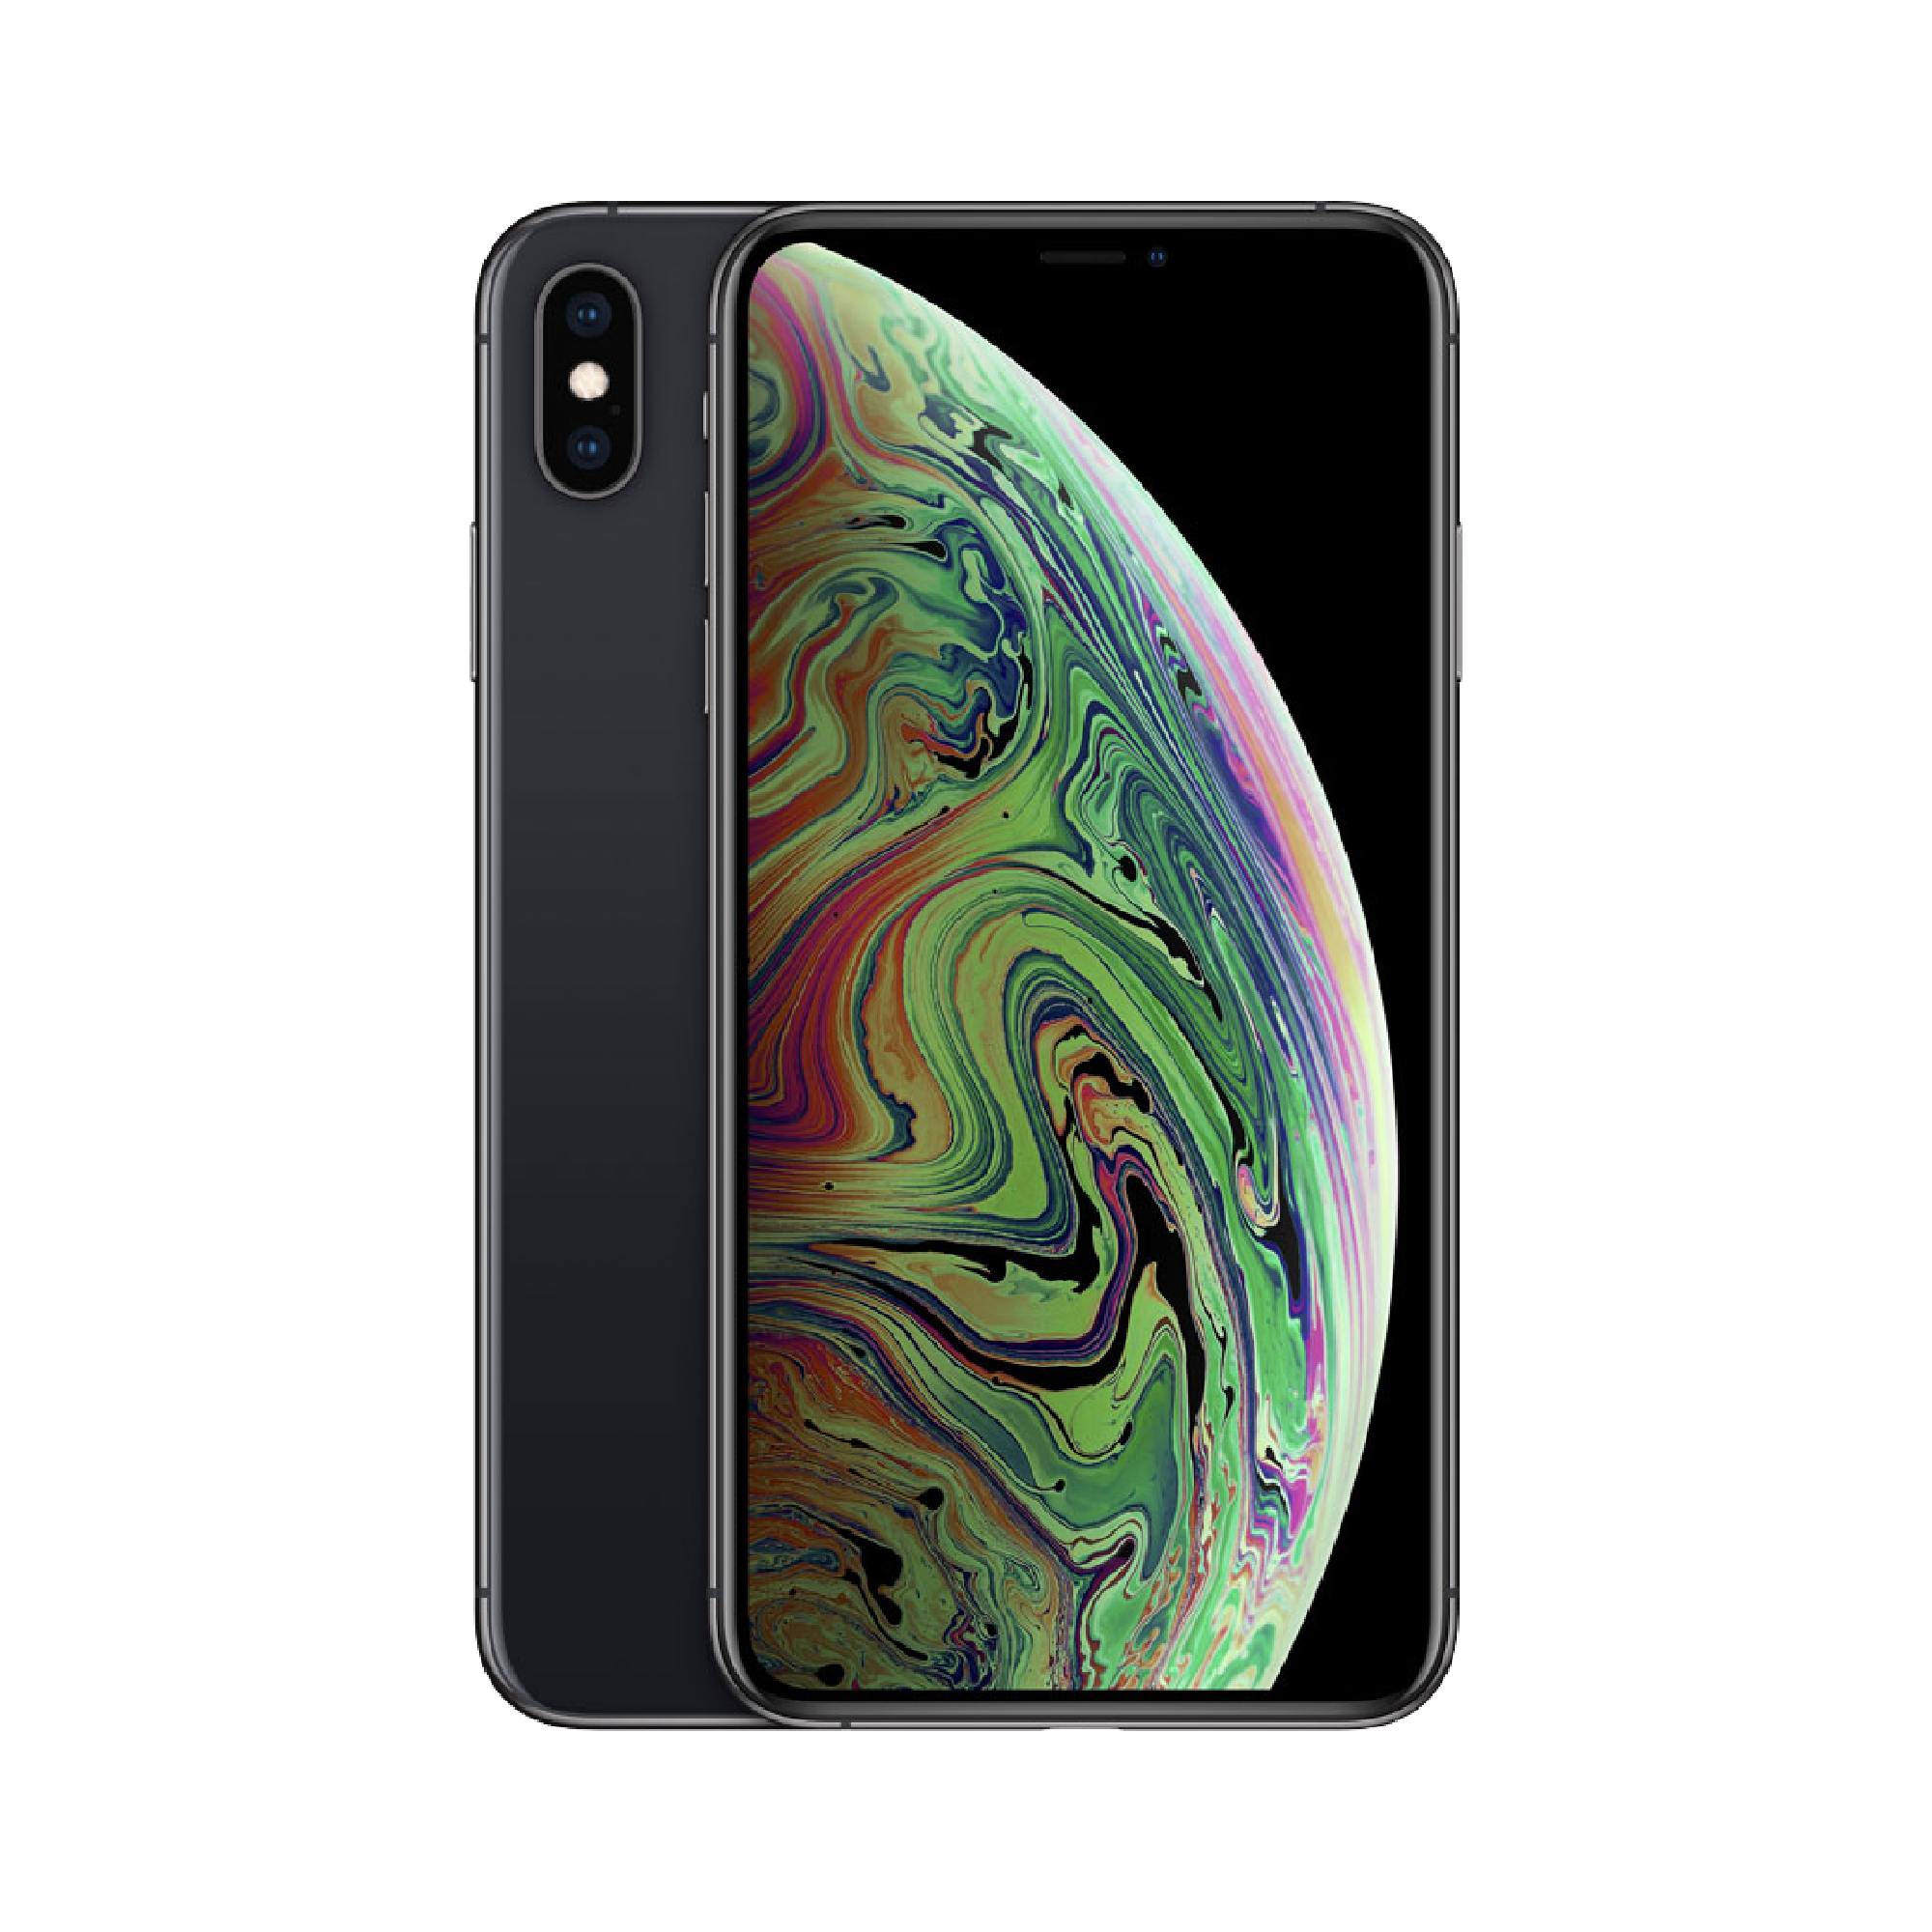 iPhone XS MAX | $380 + tax